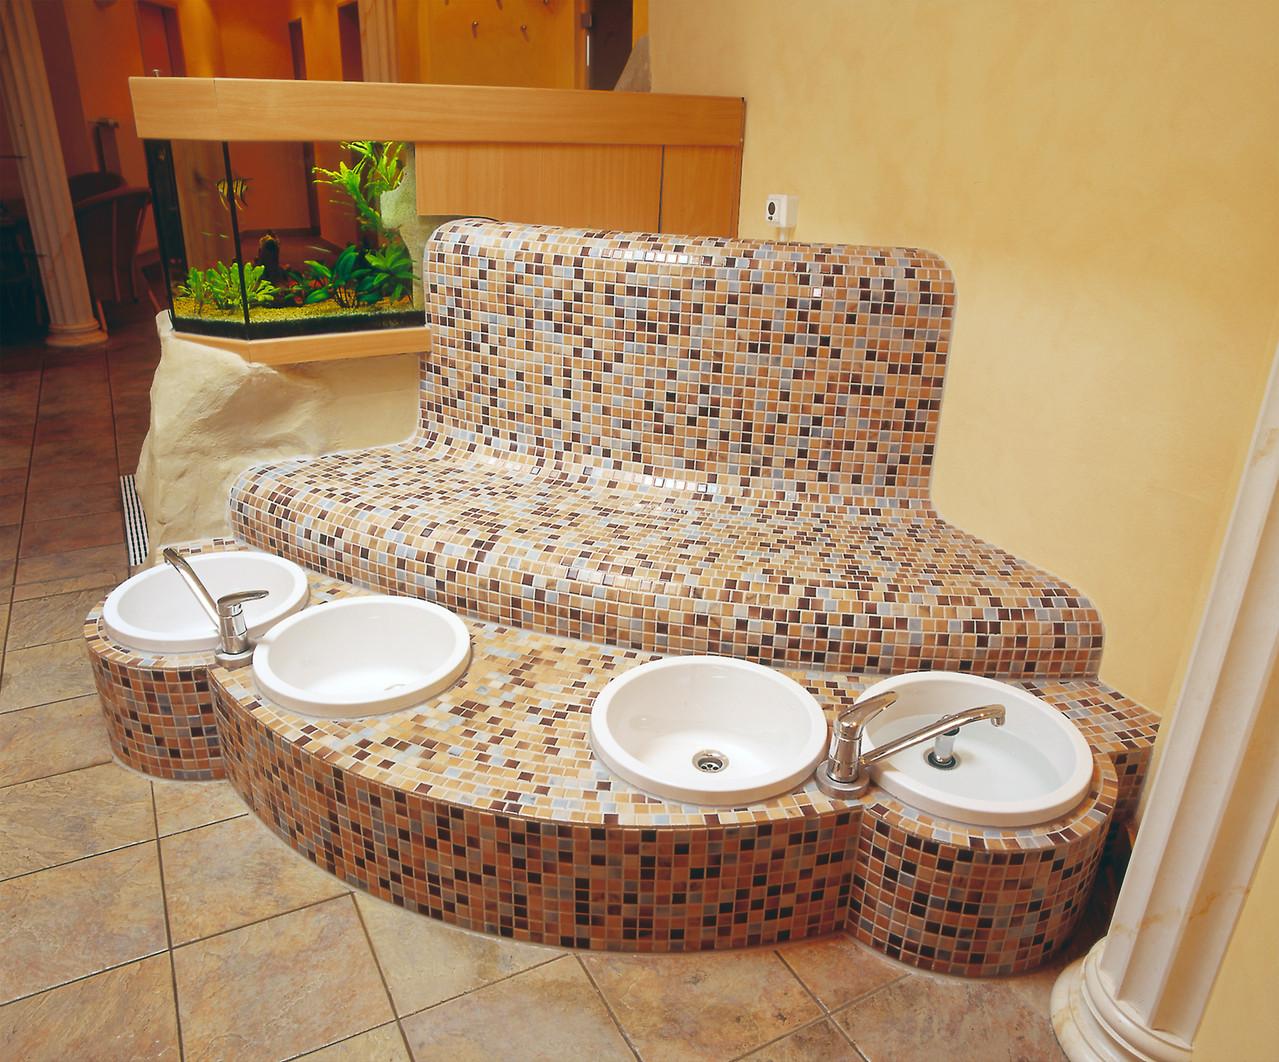 kontakt stein und keramik bauausf hrung unterwasser. Black Bedroom Furniture Sets. Home Design Ideas